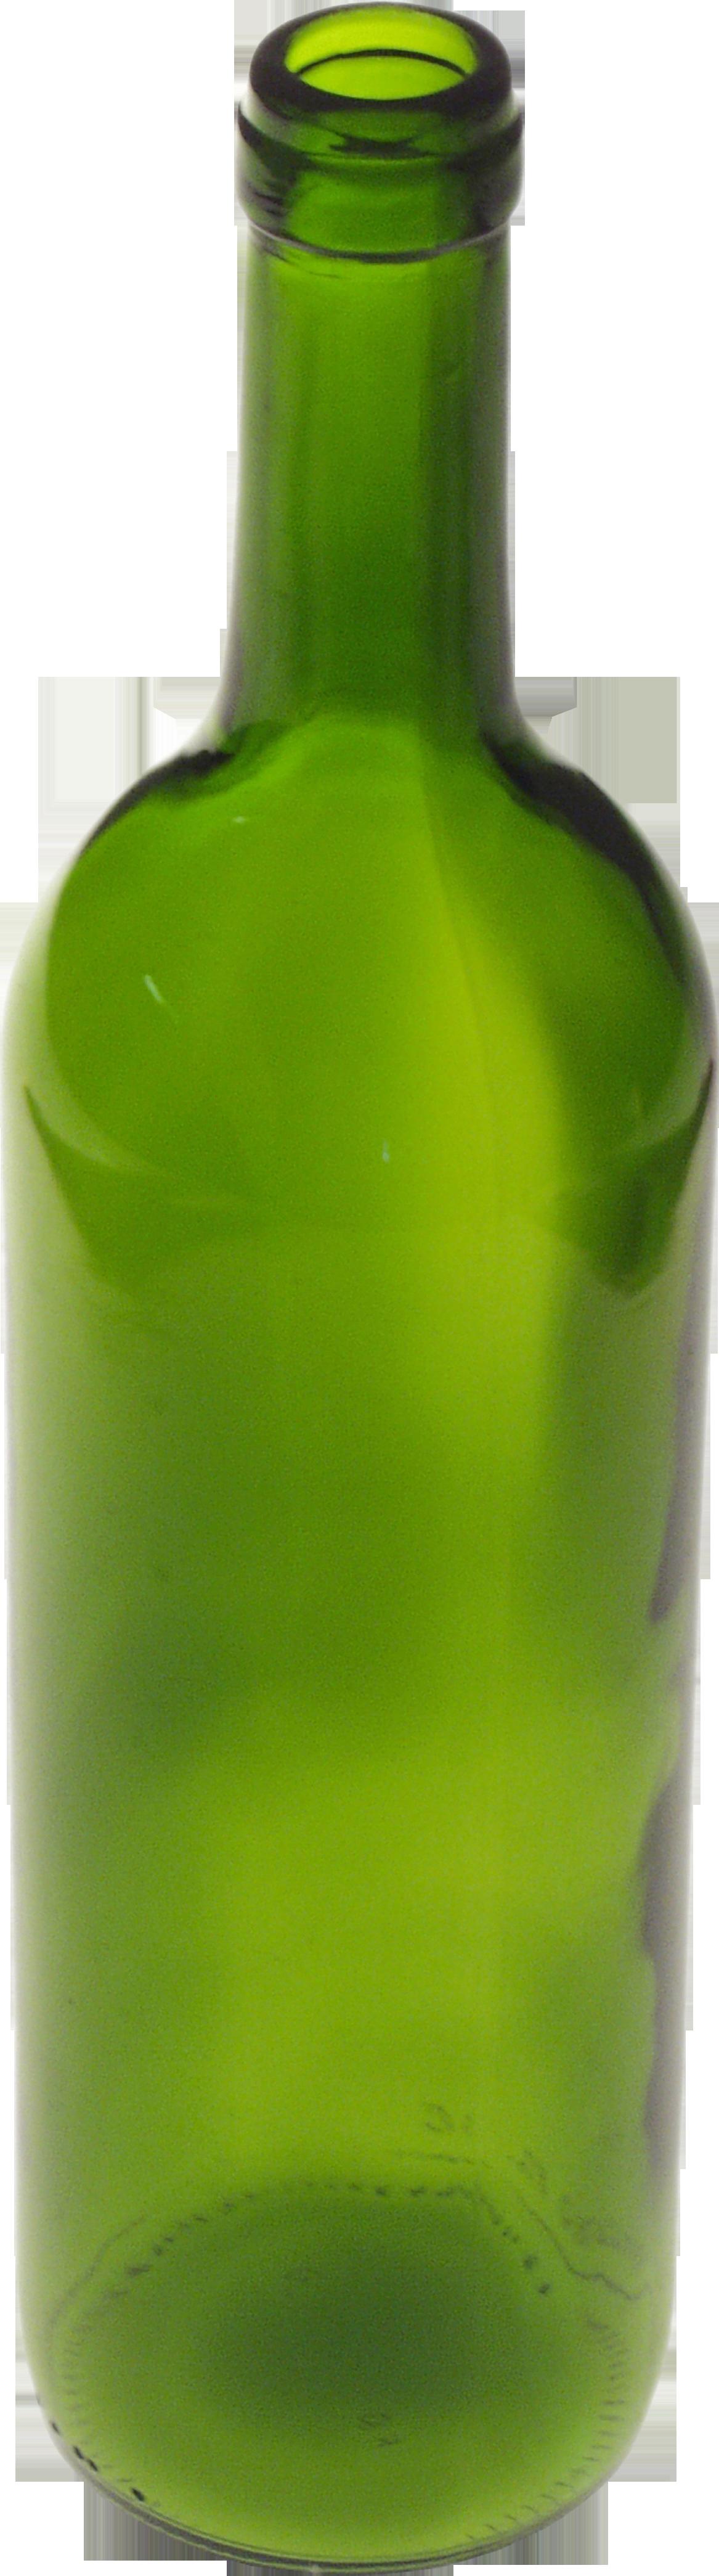 Empty Bottle Png Image Bottle Empty Bottles Soju Bottle